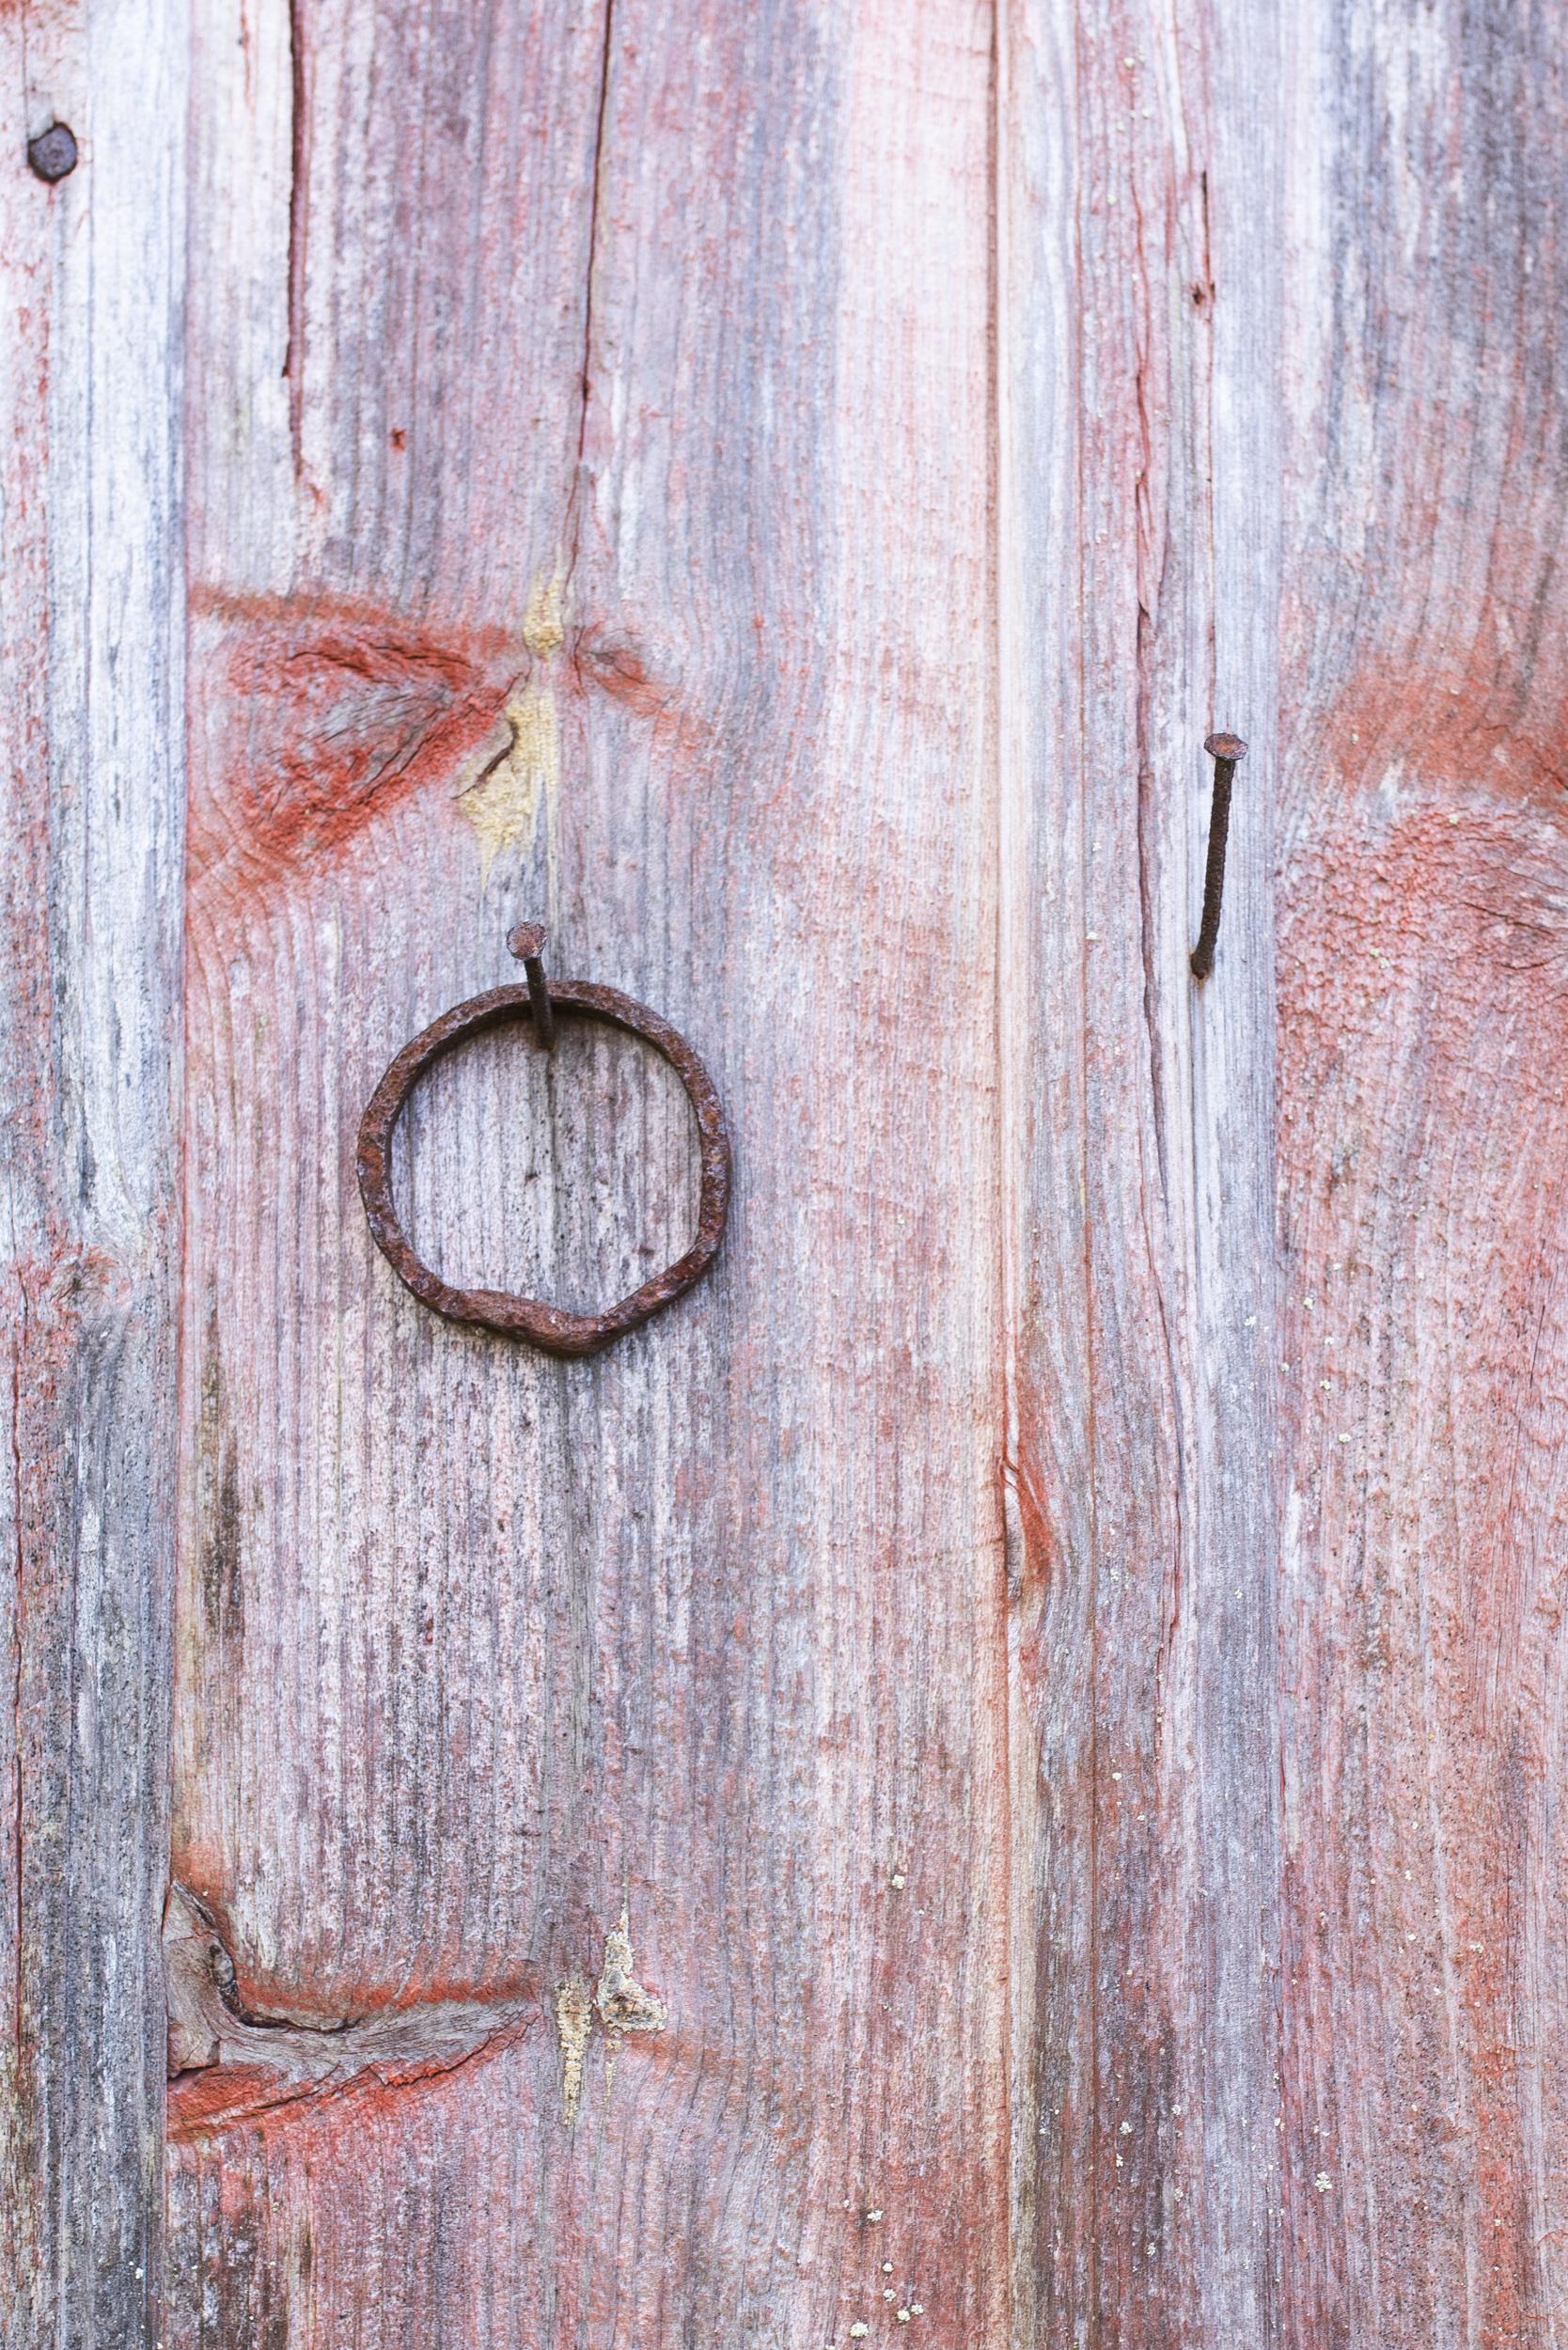 Någon vet säkert vad denna ring har använts till, men inte jag! Ser  ut som det saknas en ring?